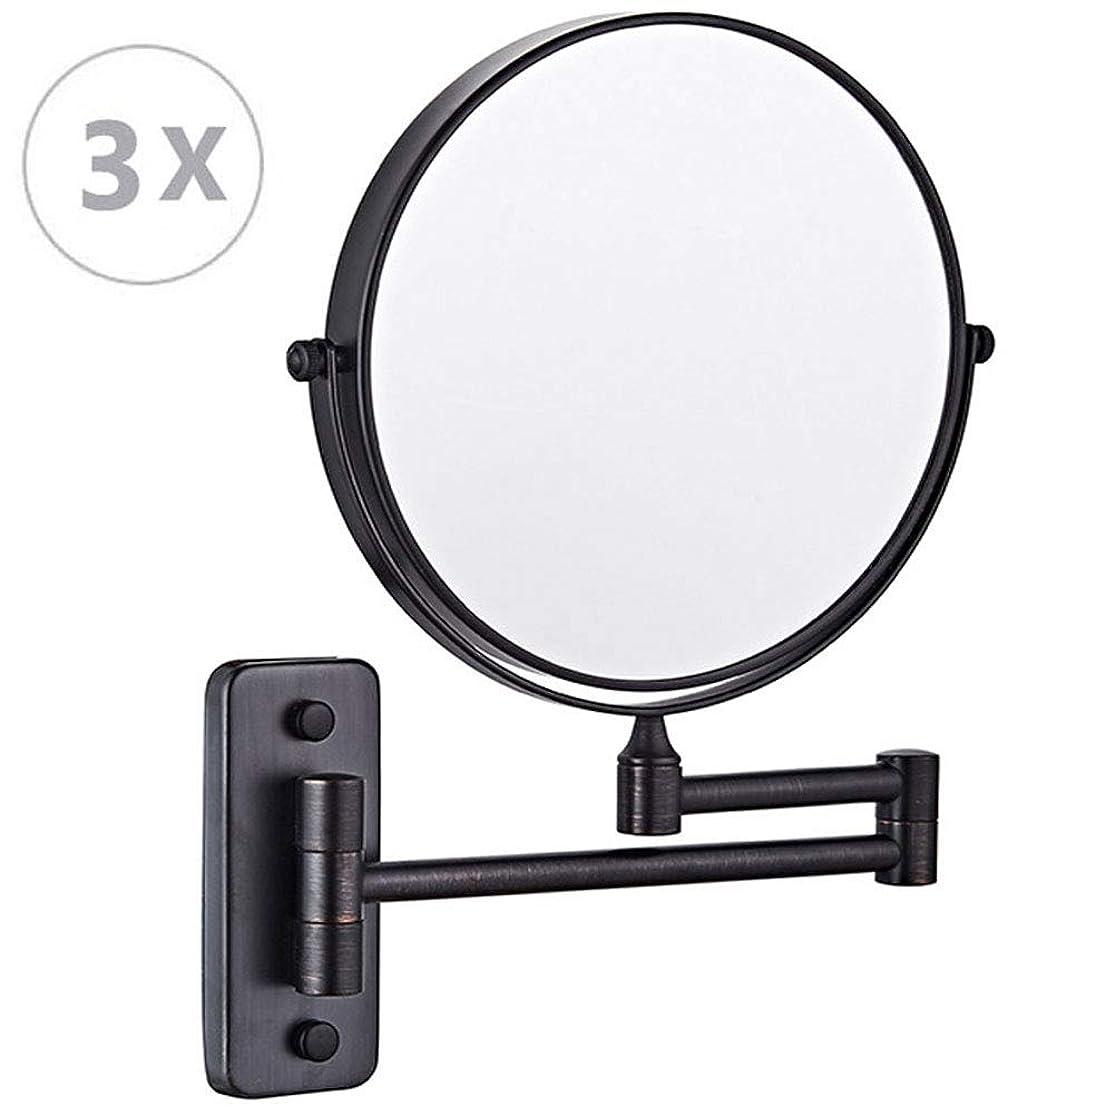 プレビスサイト晩ごはん冒険家8倍の壁掛け化粧鏡、倍率3倍、両面化粧鏡、拡張可能なHD 360°回転式格納式バスルームミラー、照明なし